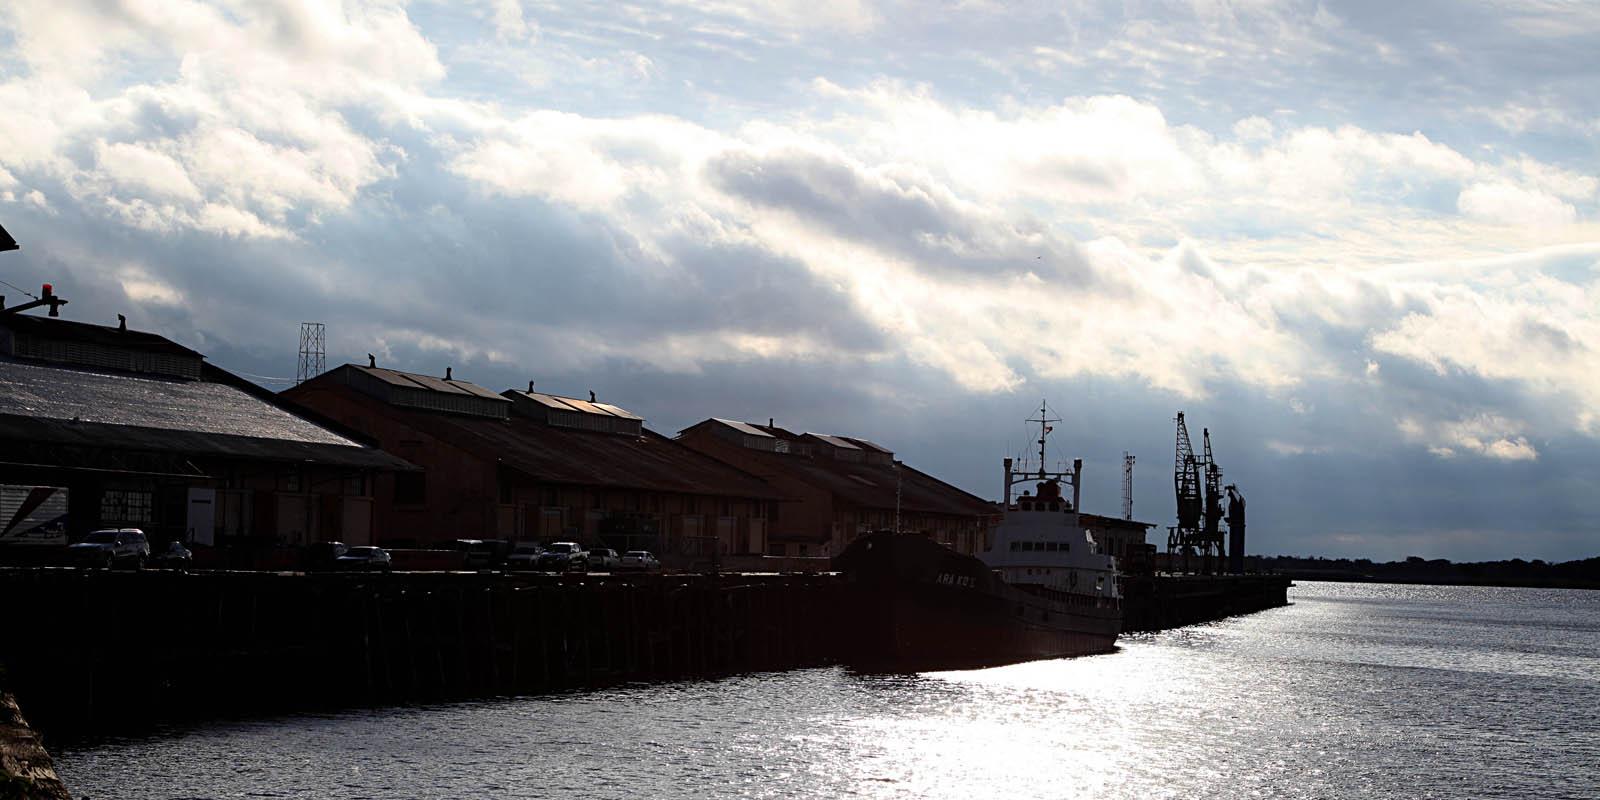 Der historische Hafen von Asunción hat seit 2009, als ich diese Reportage schrieb, noch mehr an Bedeutung eingebüßt. Foto: Horst Martens